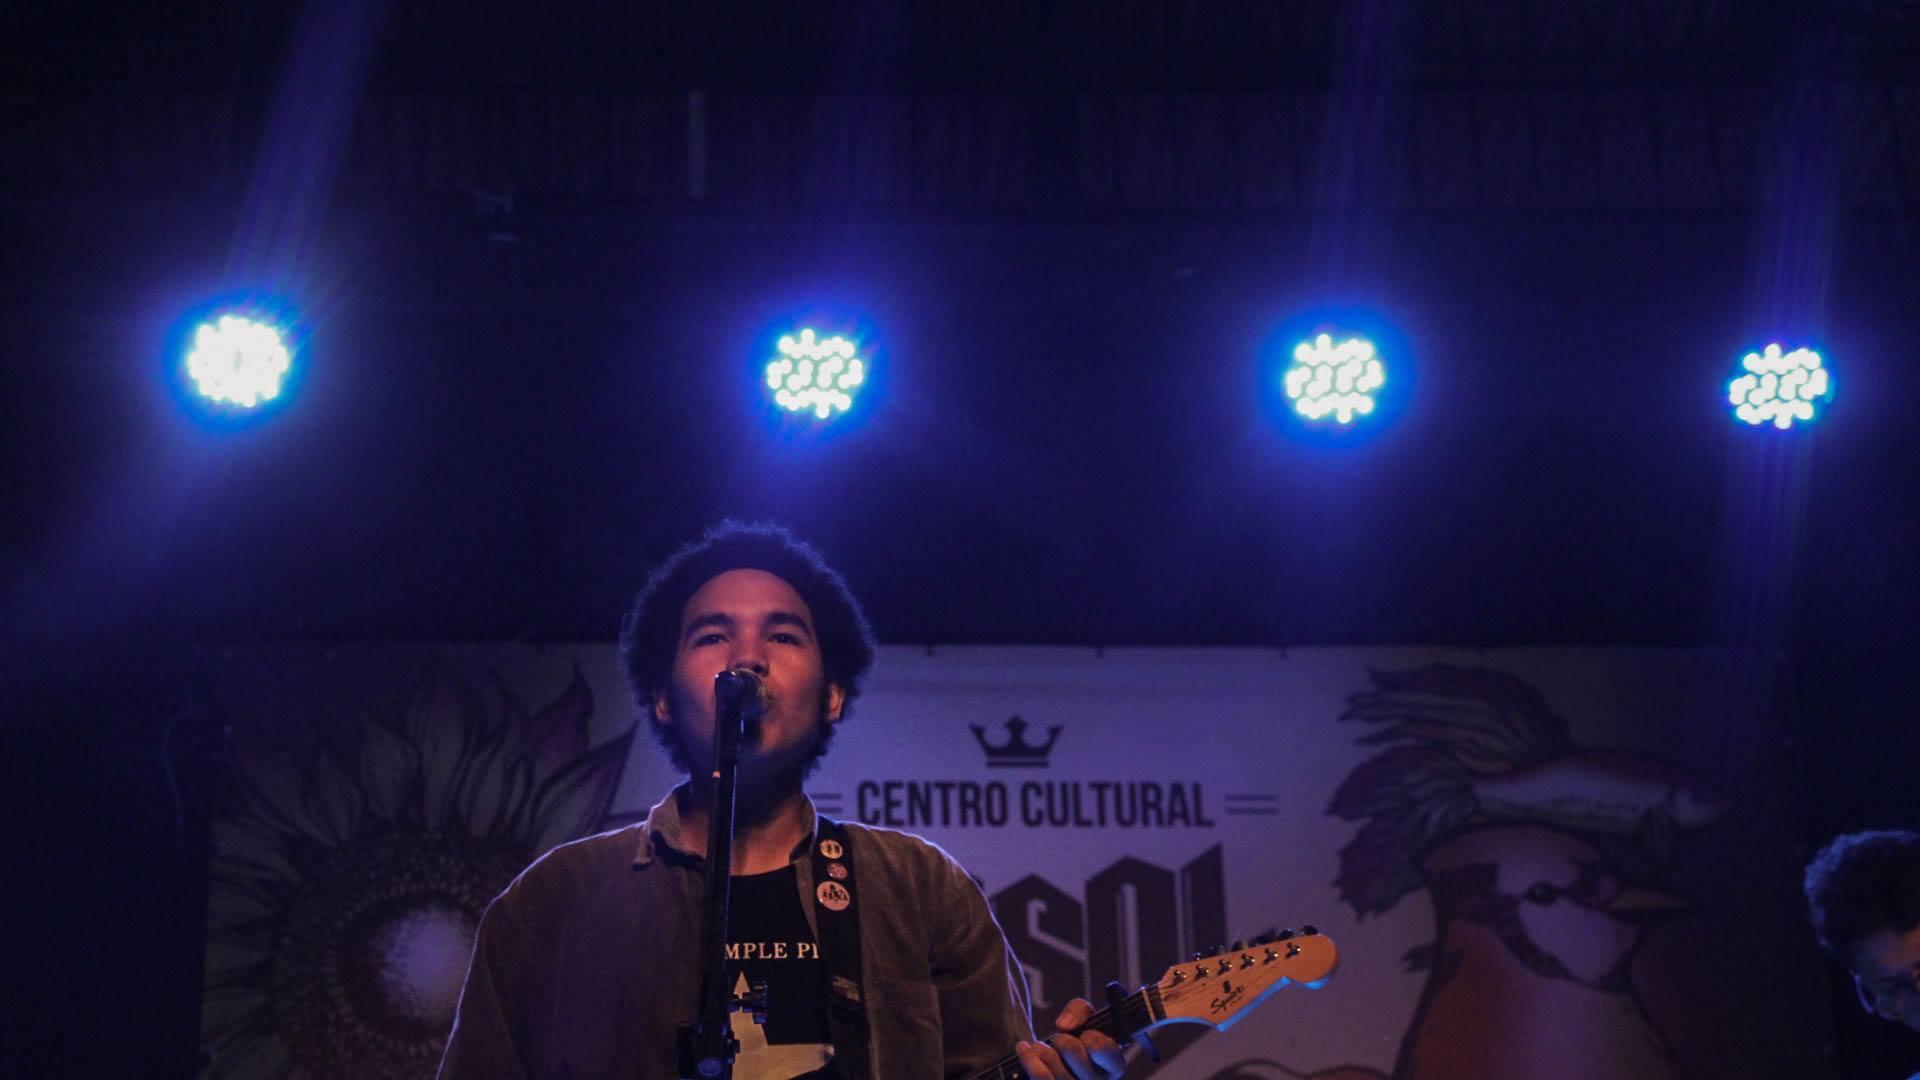 Selo potiguar promove festival com seus artistas